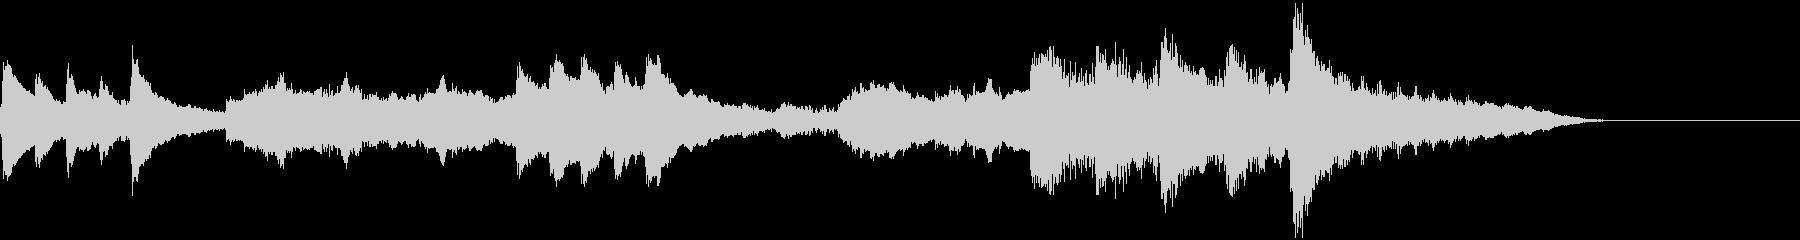 冬向けピアノとファゴットの深みあるBGMの未再生の波形